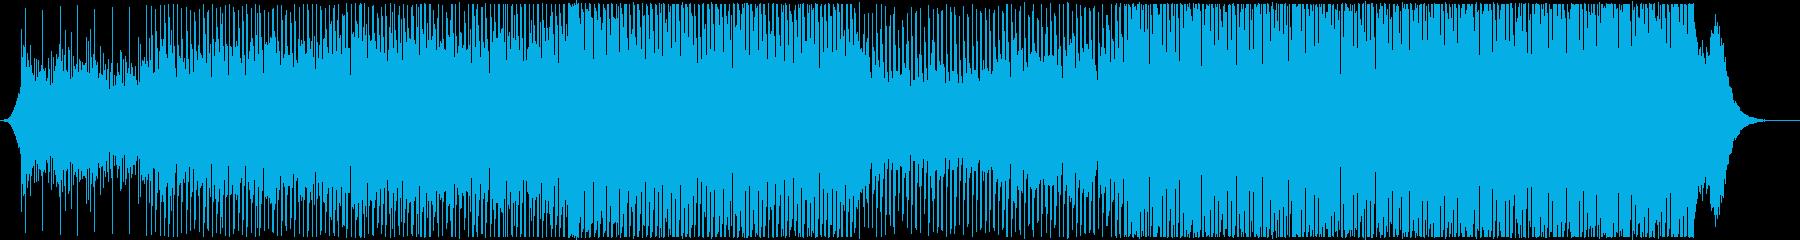 壮大で前向きなプローモーション動画の再生済みの波形